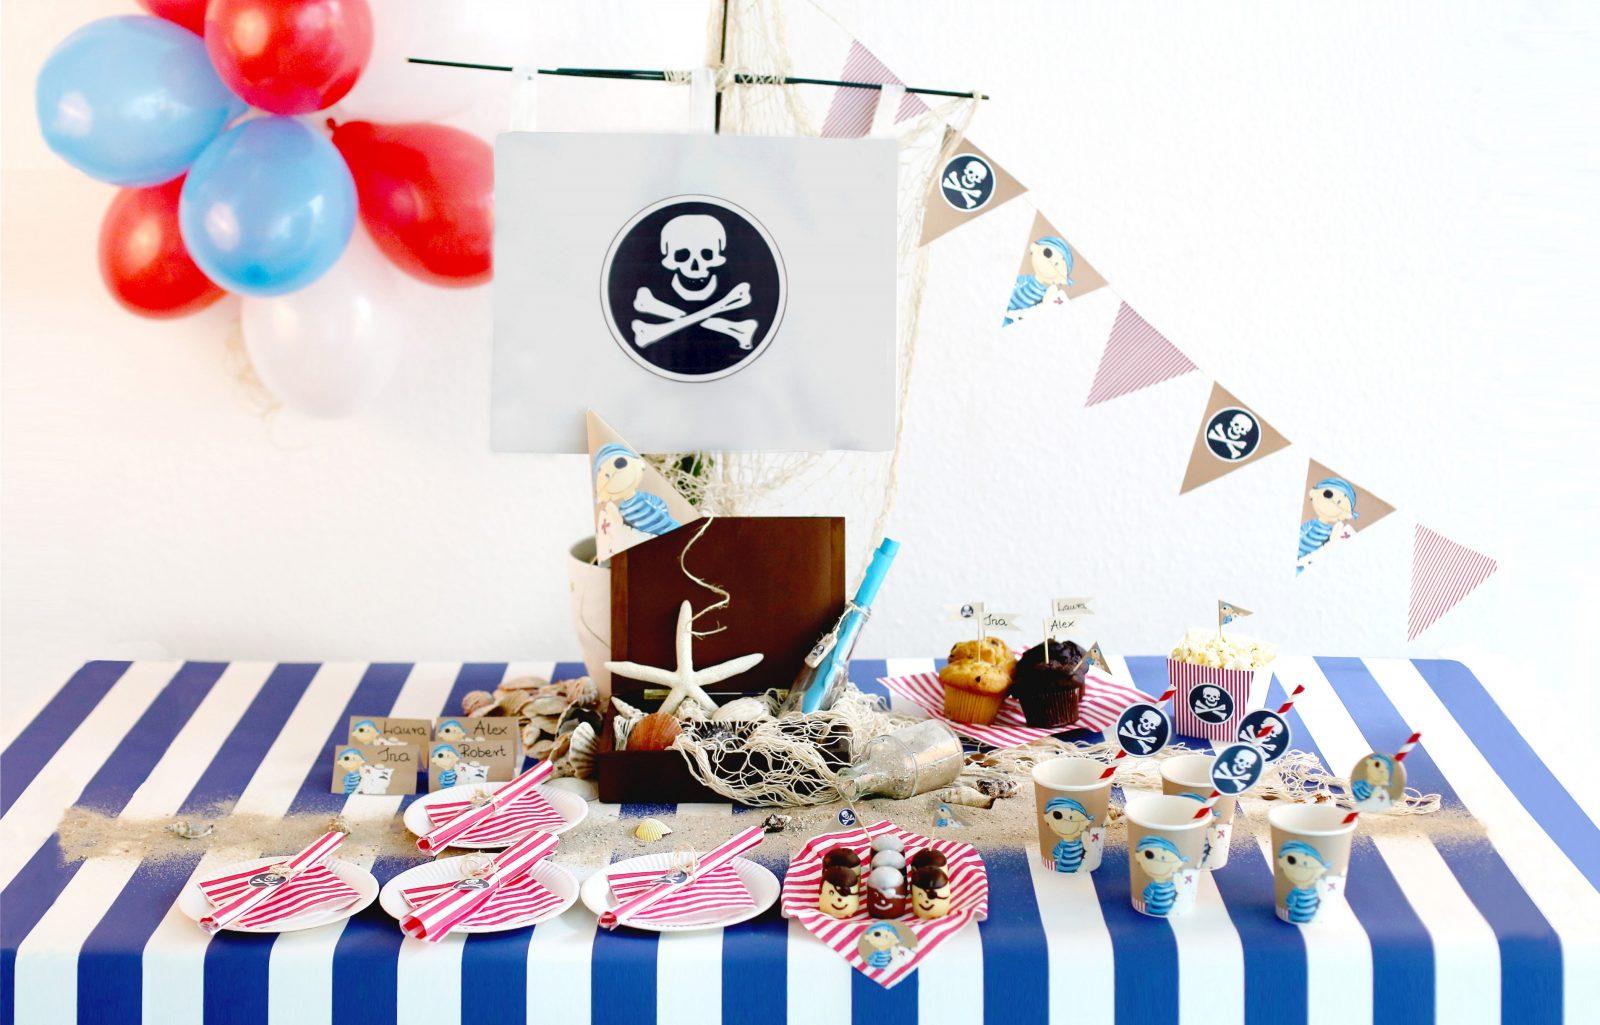 Tolle Deko Für Eine Gelungene Piratenparty  Wundermagazin von Piraten Deko Selber Machen Bild